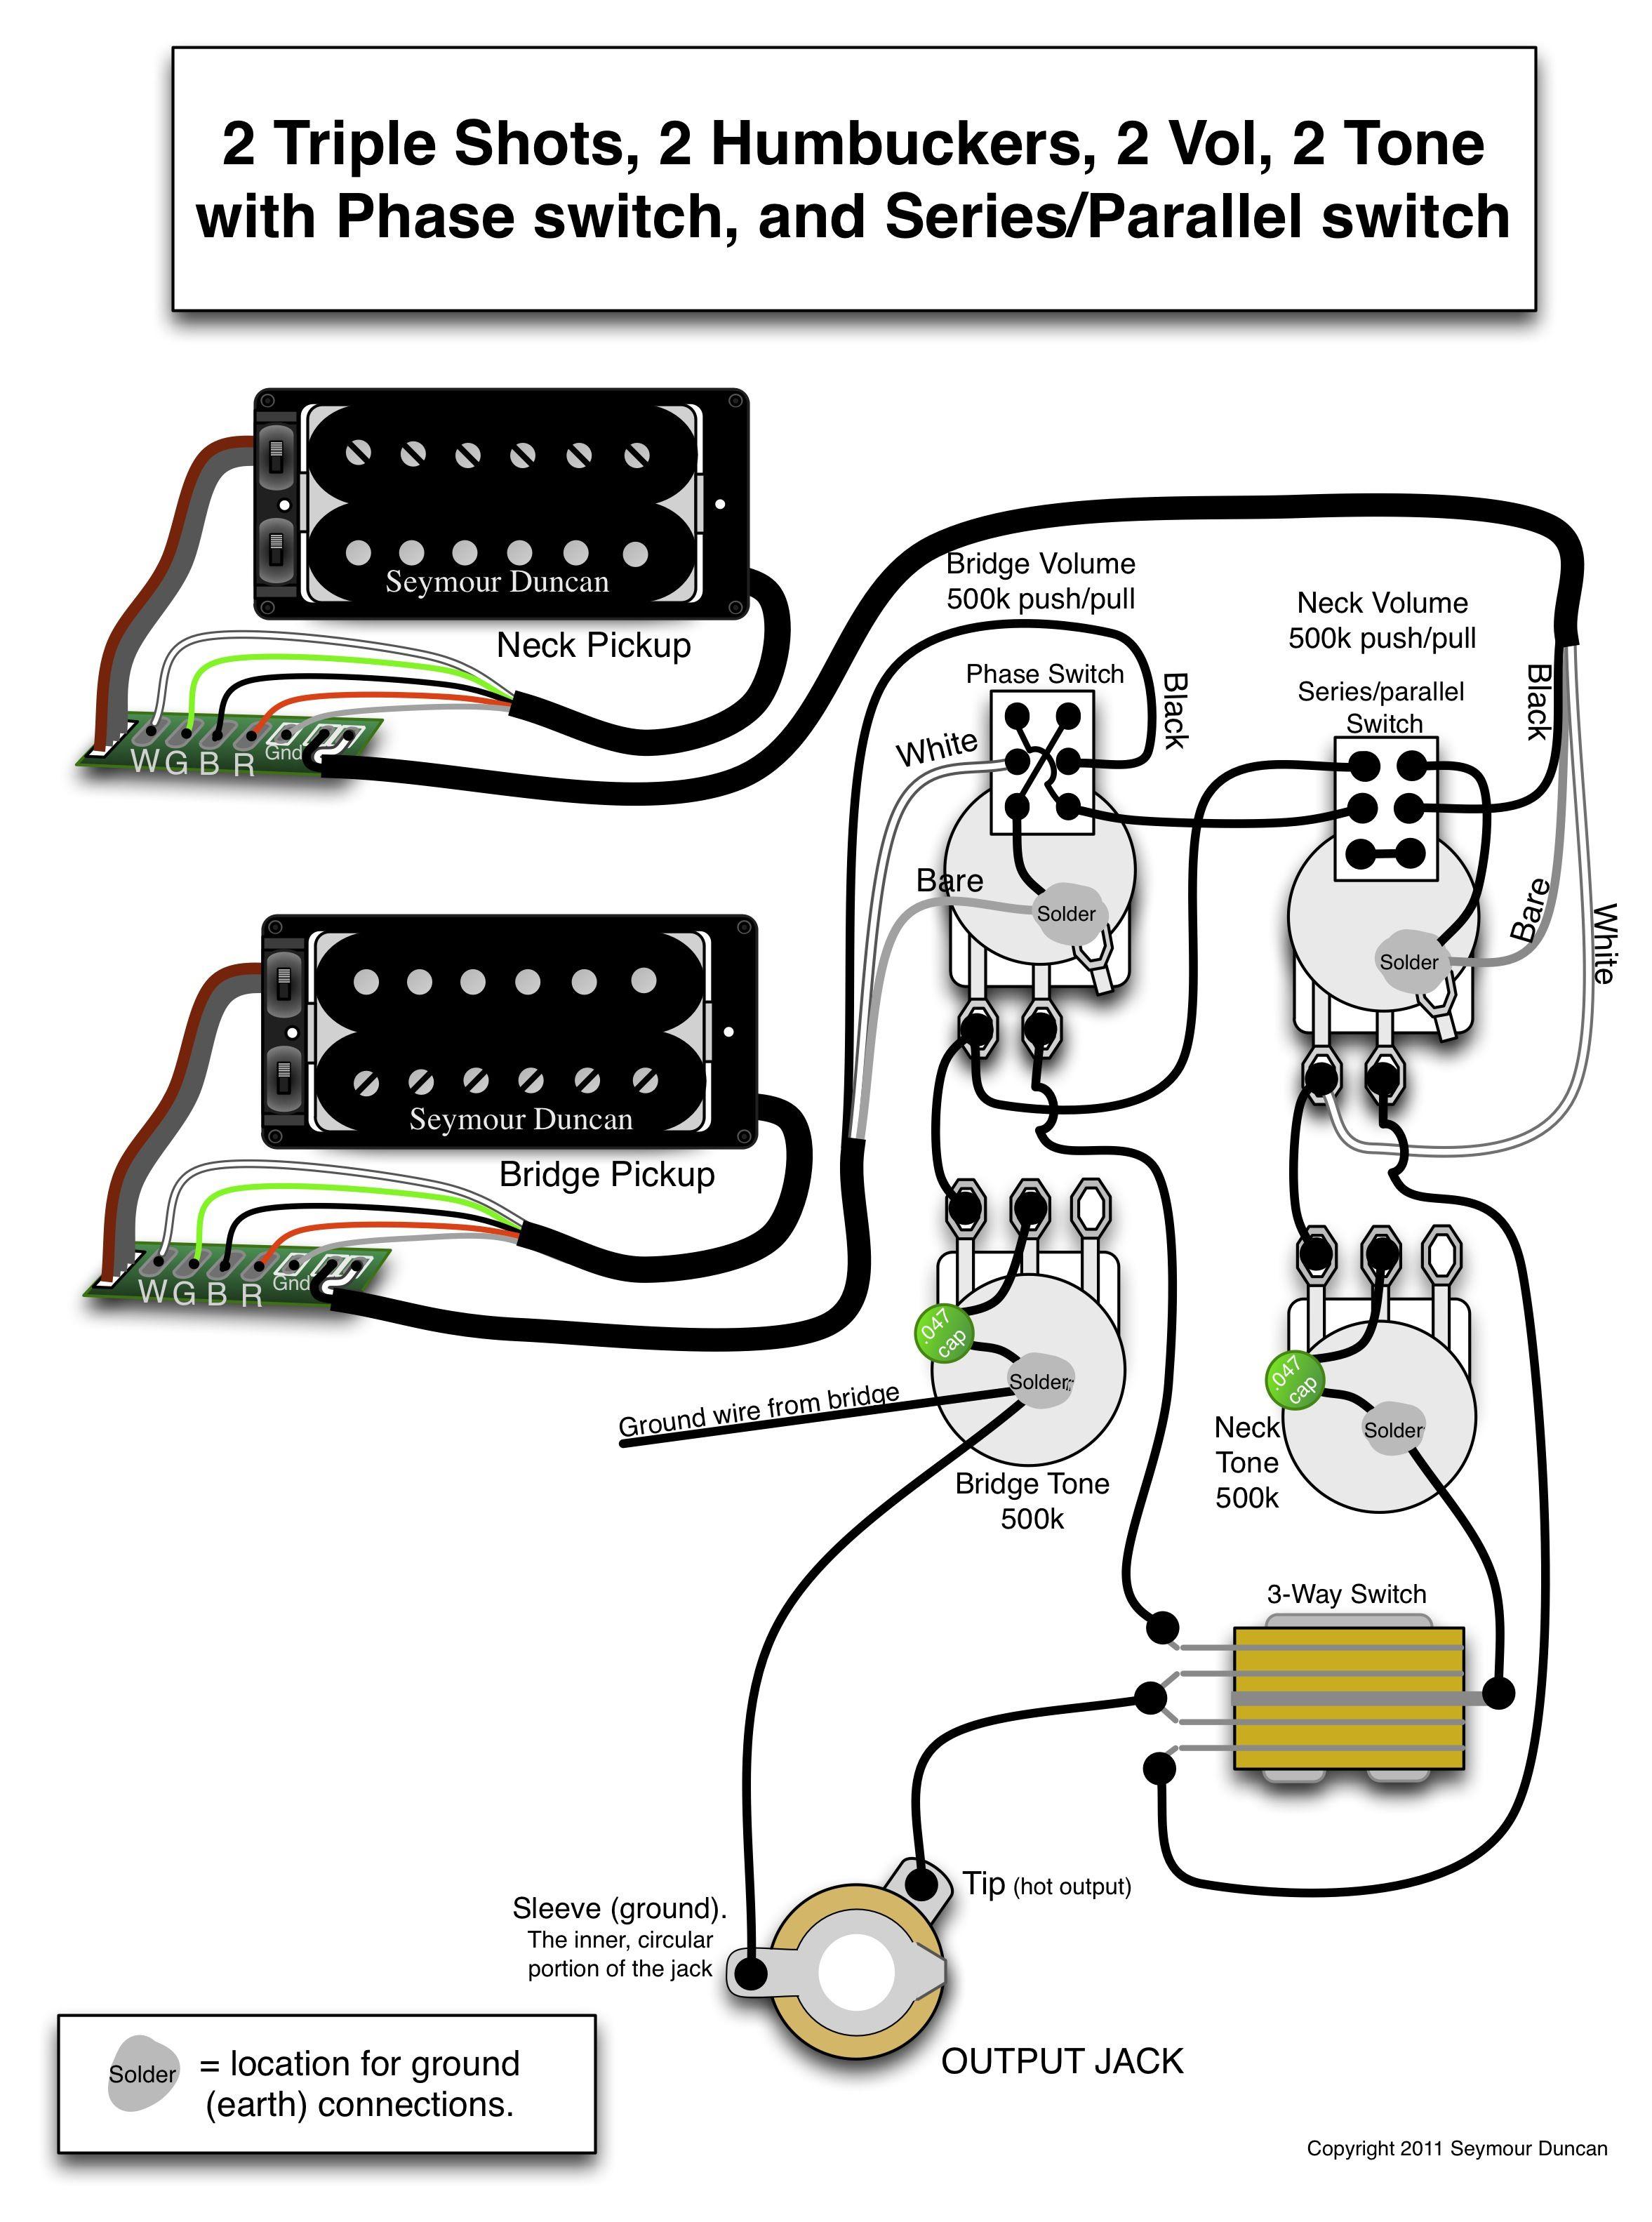 Seymour Duncan Wiring Diagram - 2 Triple Shots, 2 Humbuckers, 2 Vol - Humbucker Wiring Diagram